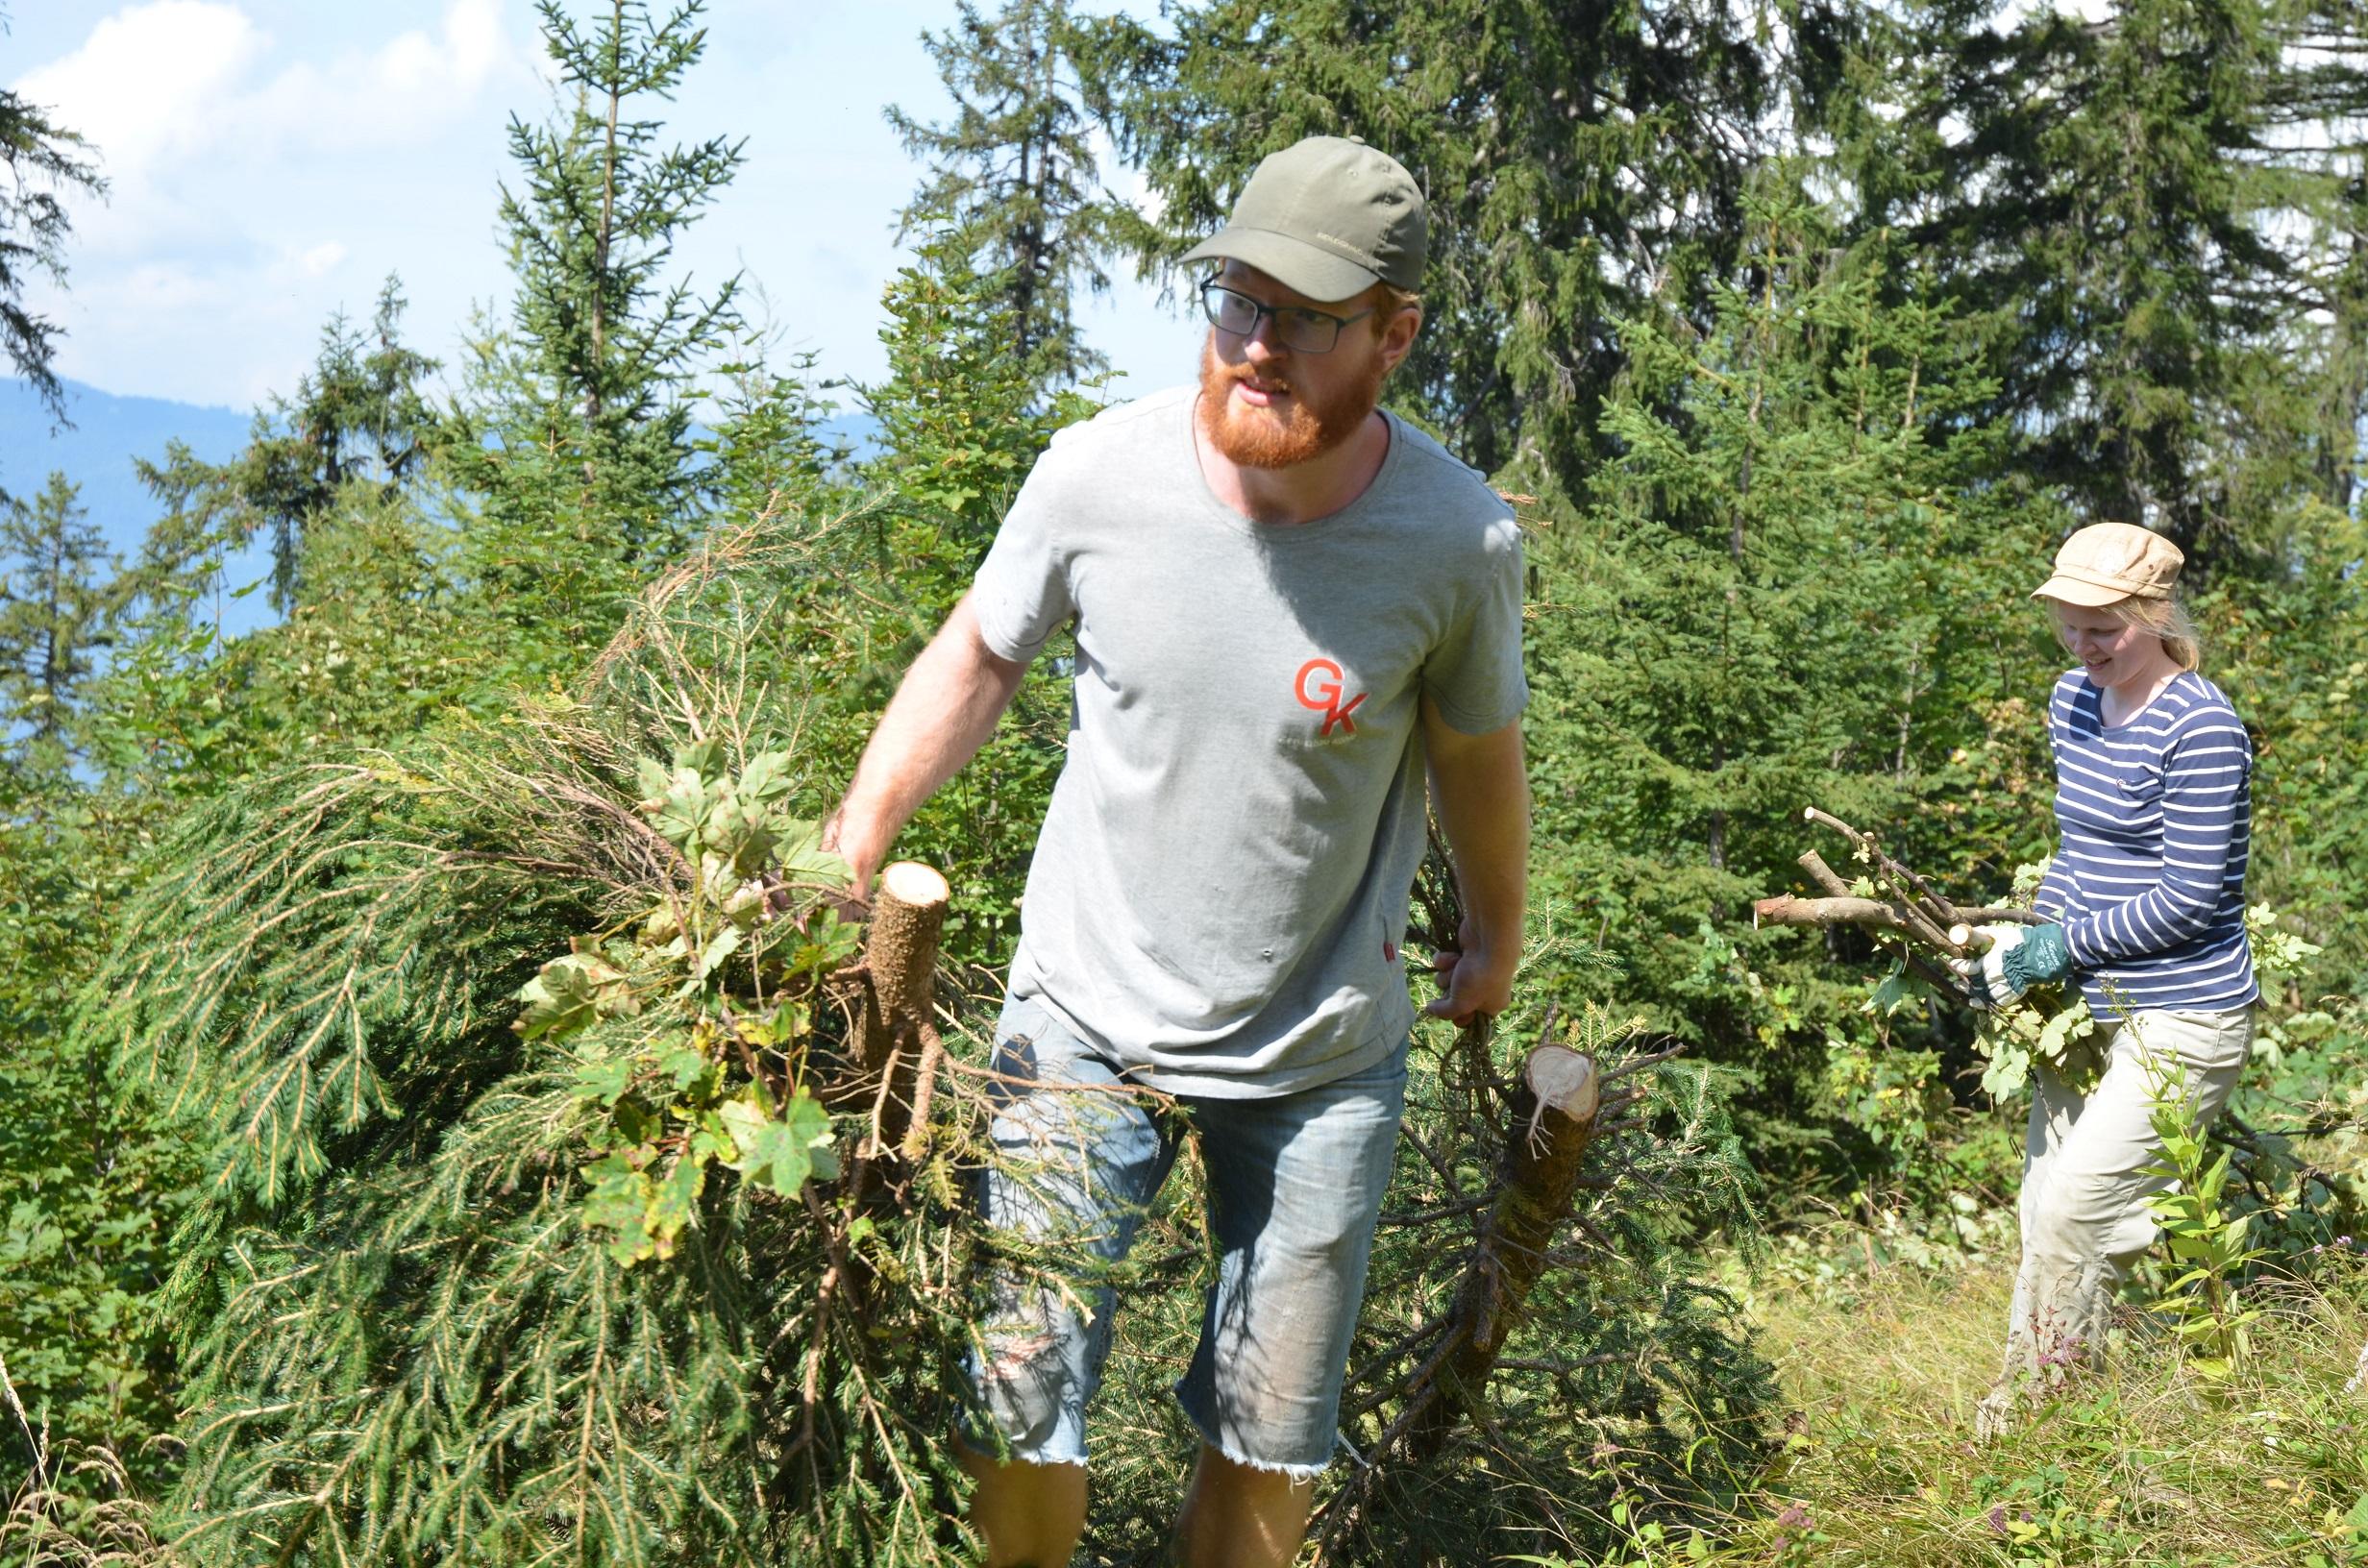 Junger Mann zieht zwei Nadelbäume hinter sich her